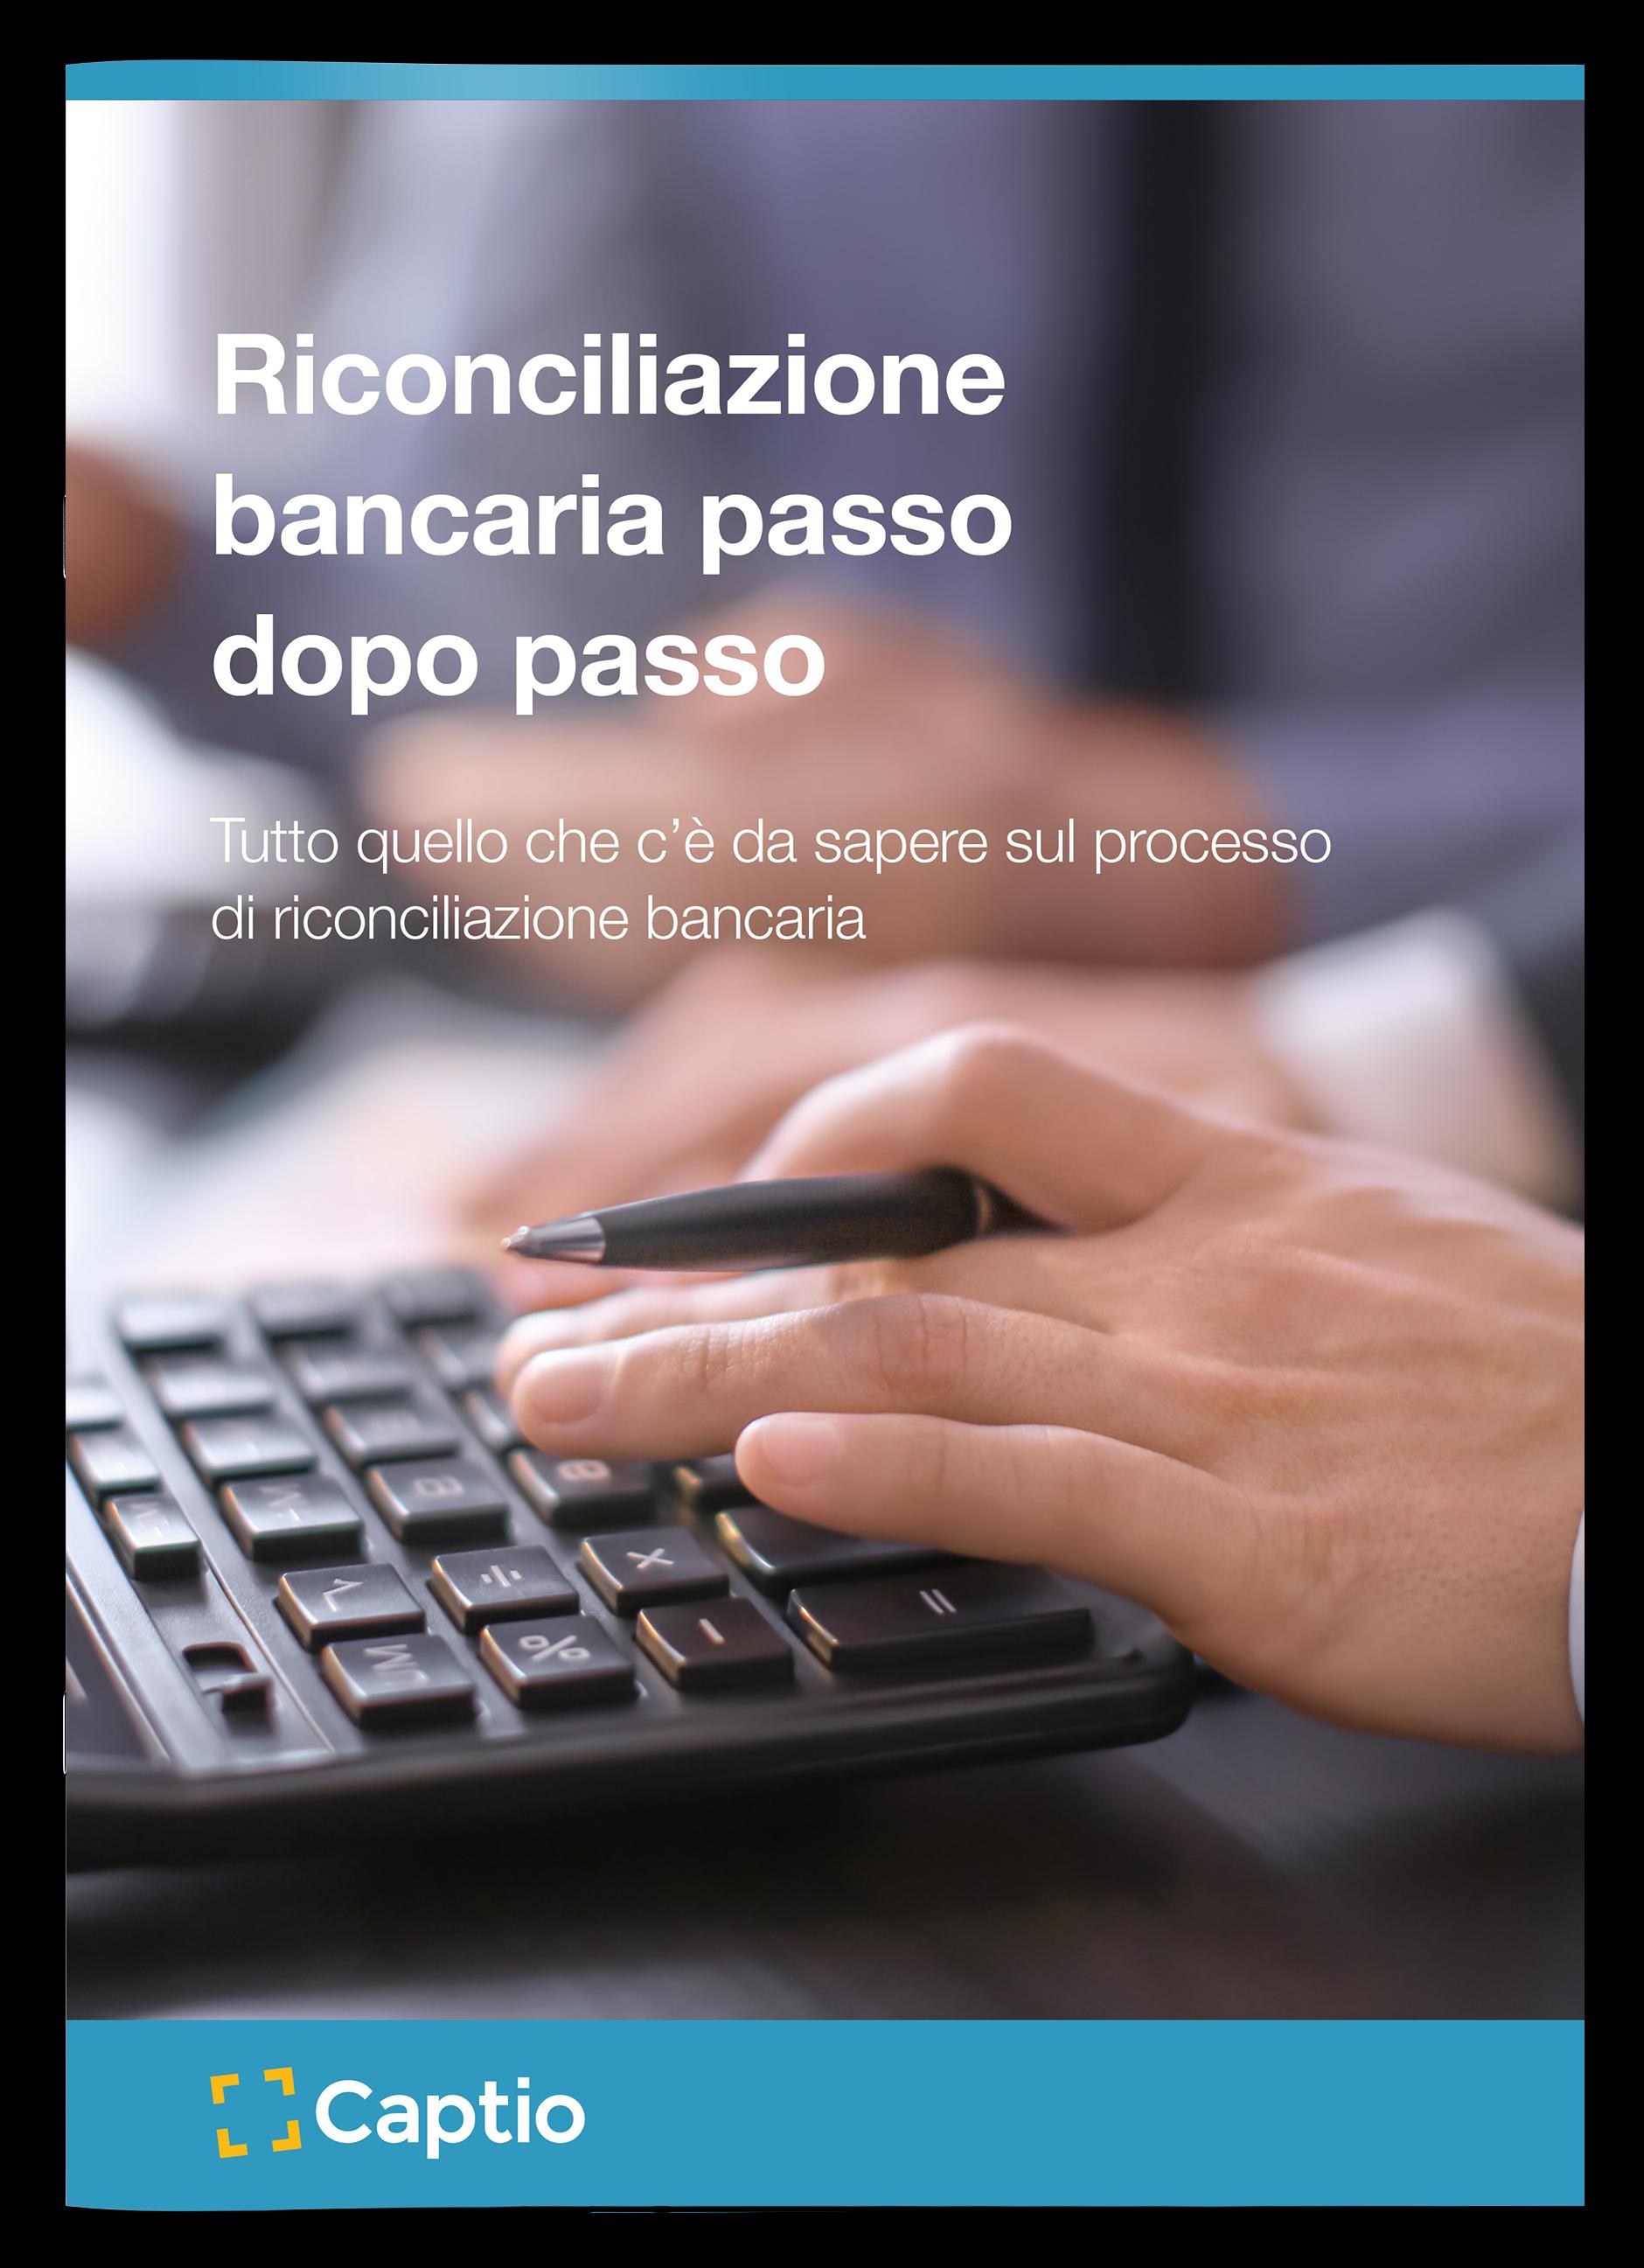 Riconciliazione bancaria passo dopo passo. - eBooks